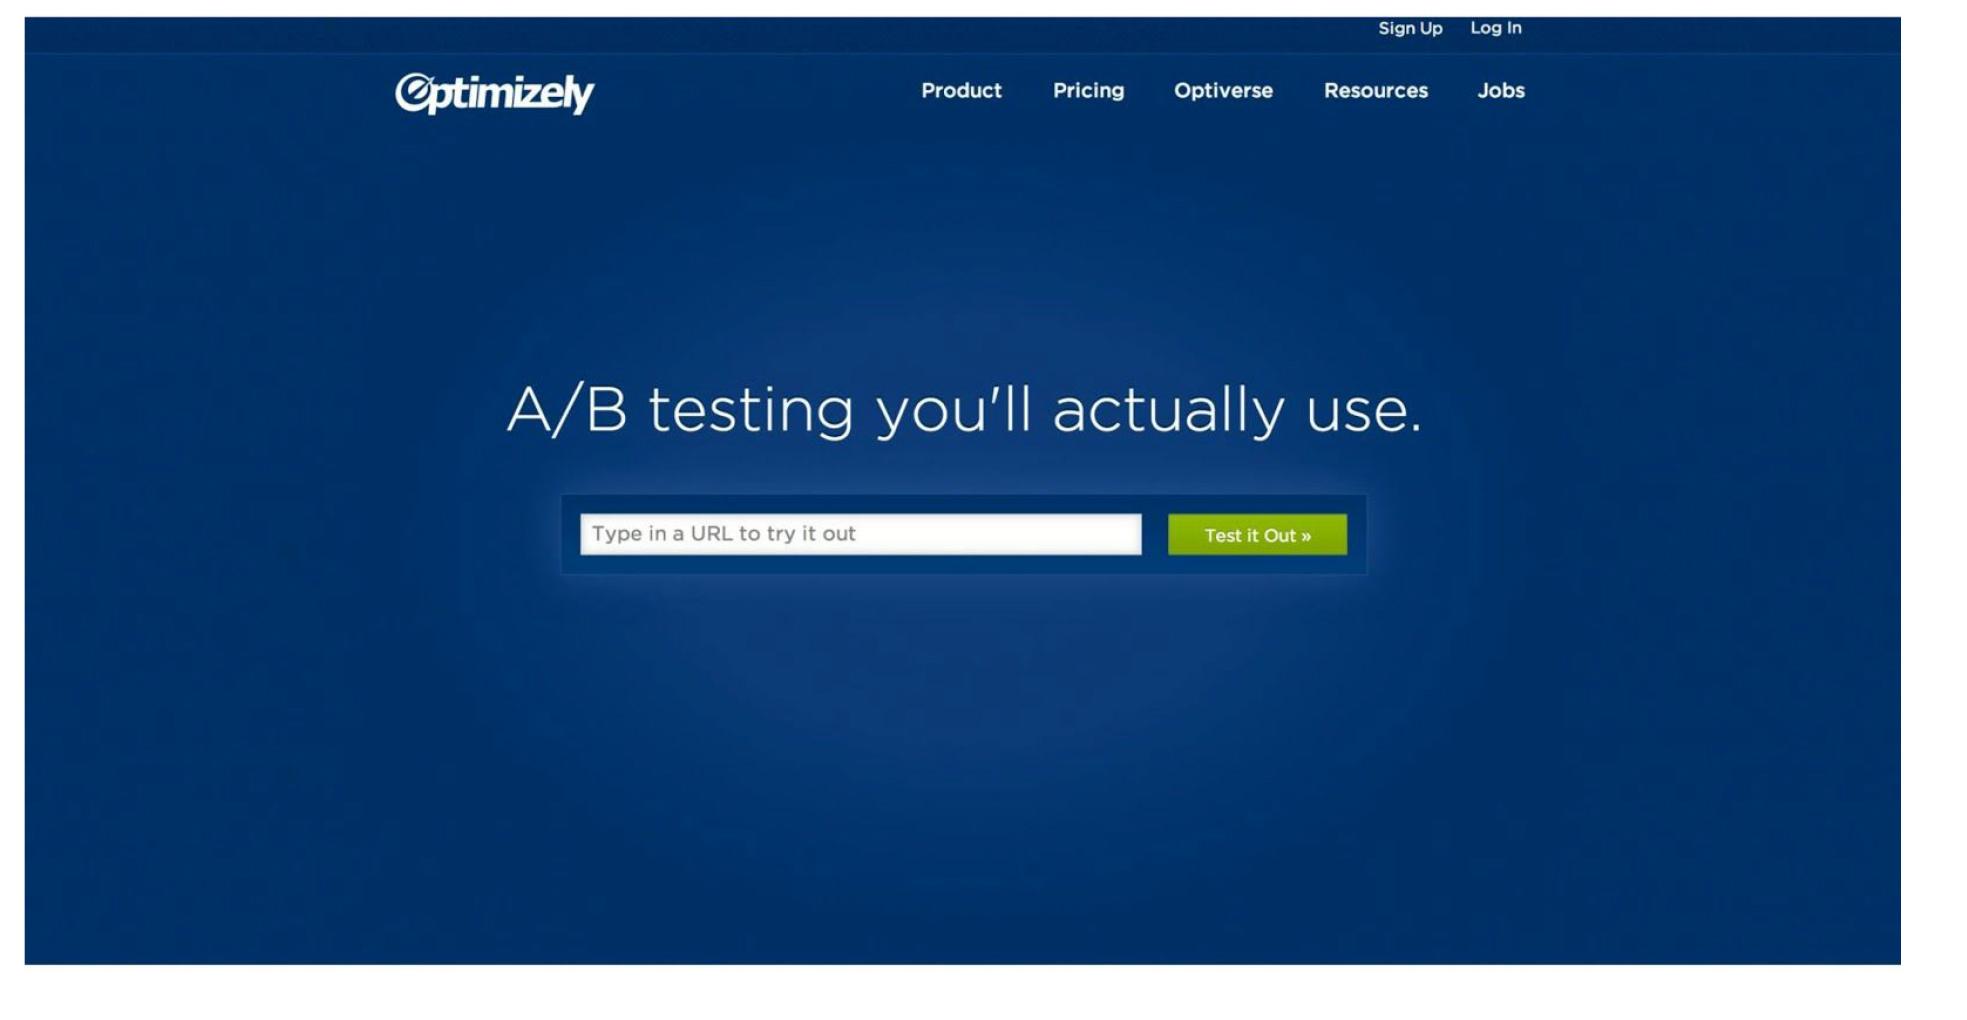 Один из лучших примеров сайта от компании Optimizely